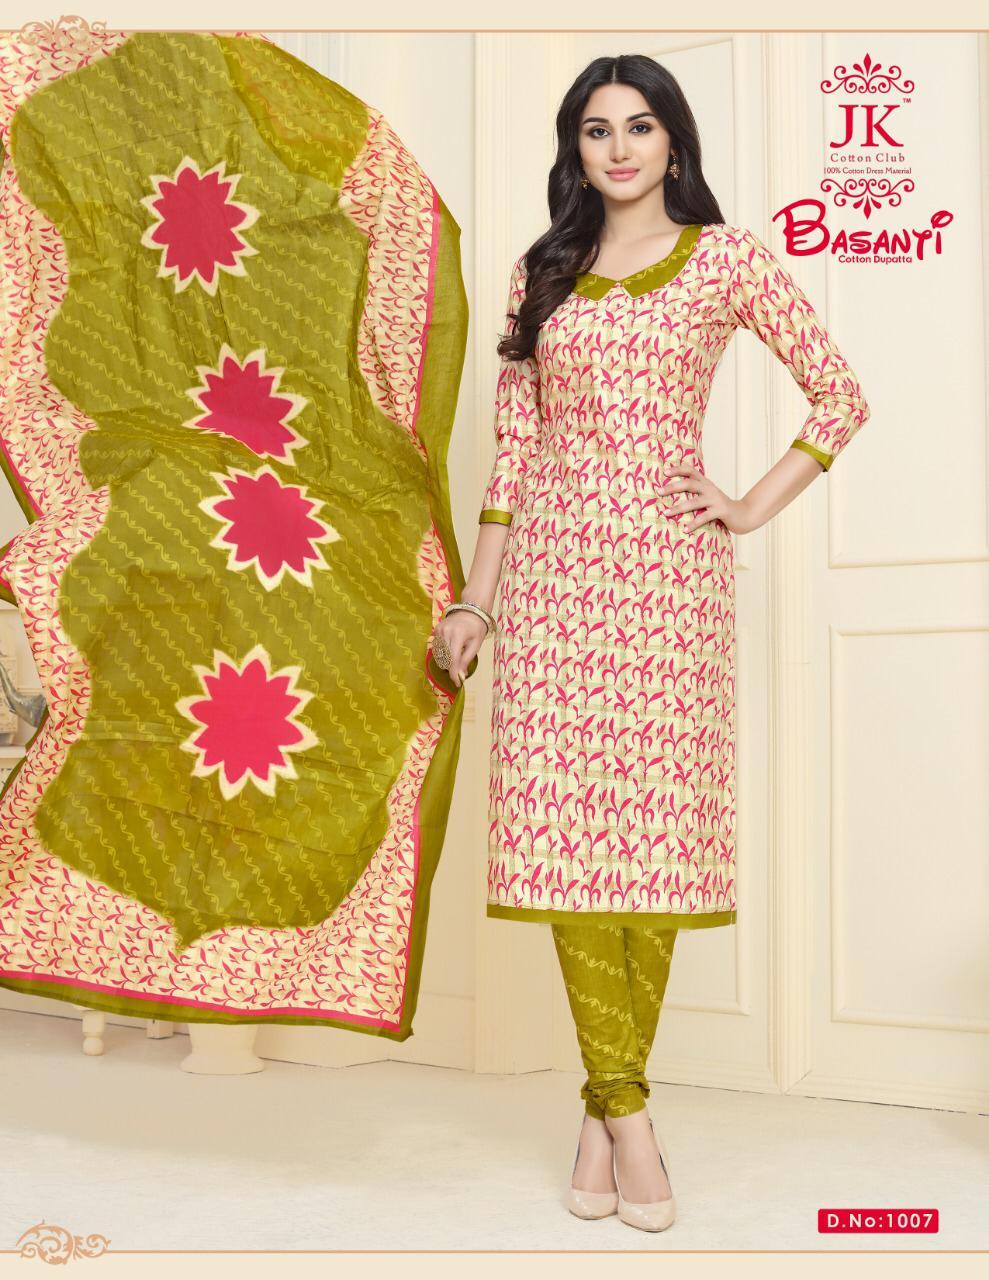 Jk Cotton Basanti Vol 1 Designer Pure Cotton Suits Wholesale